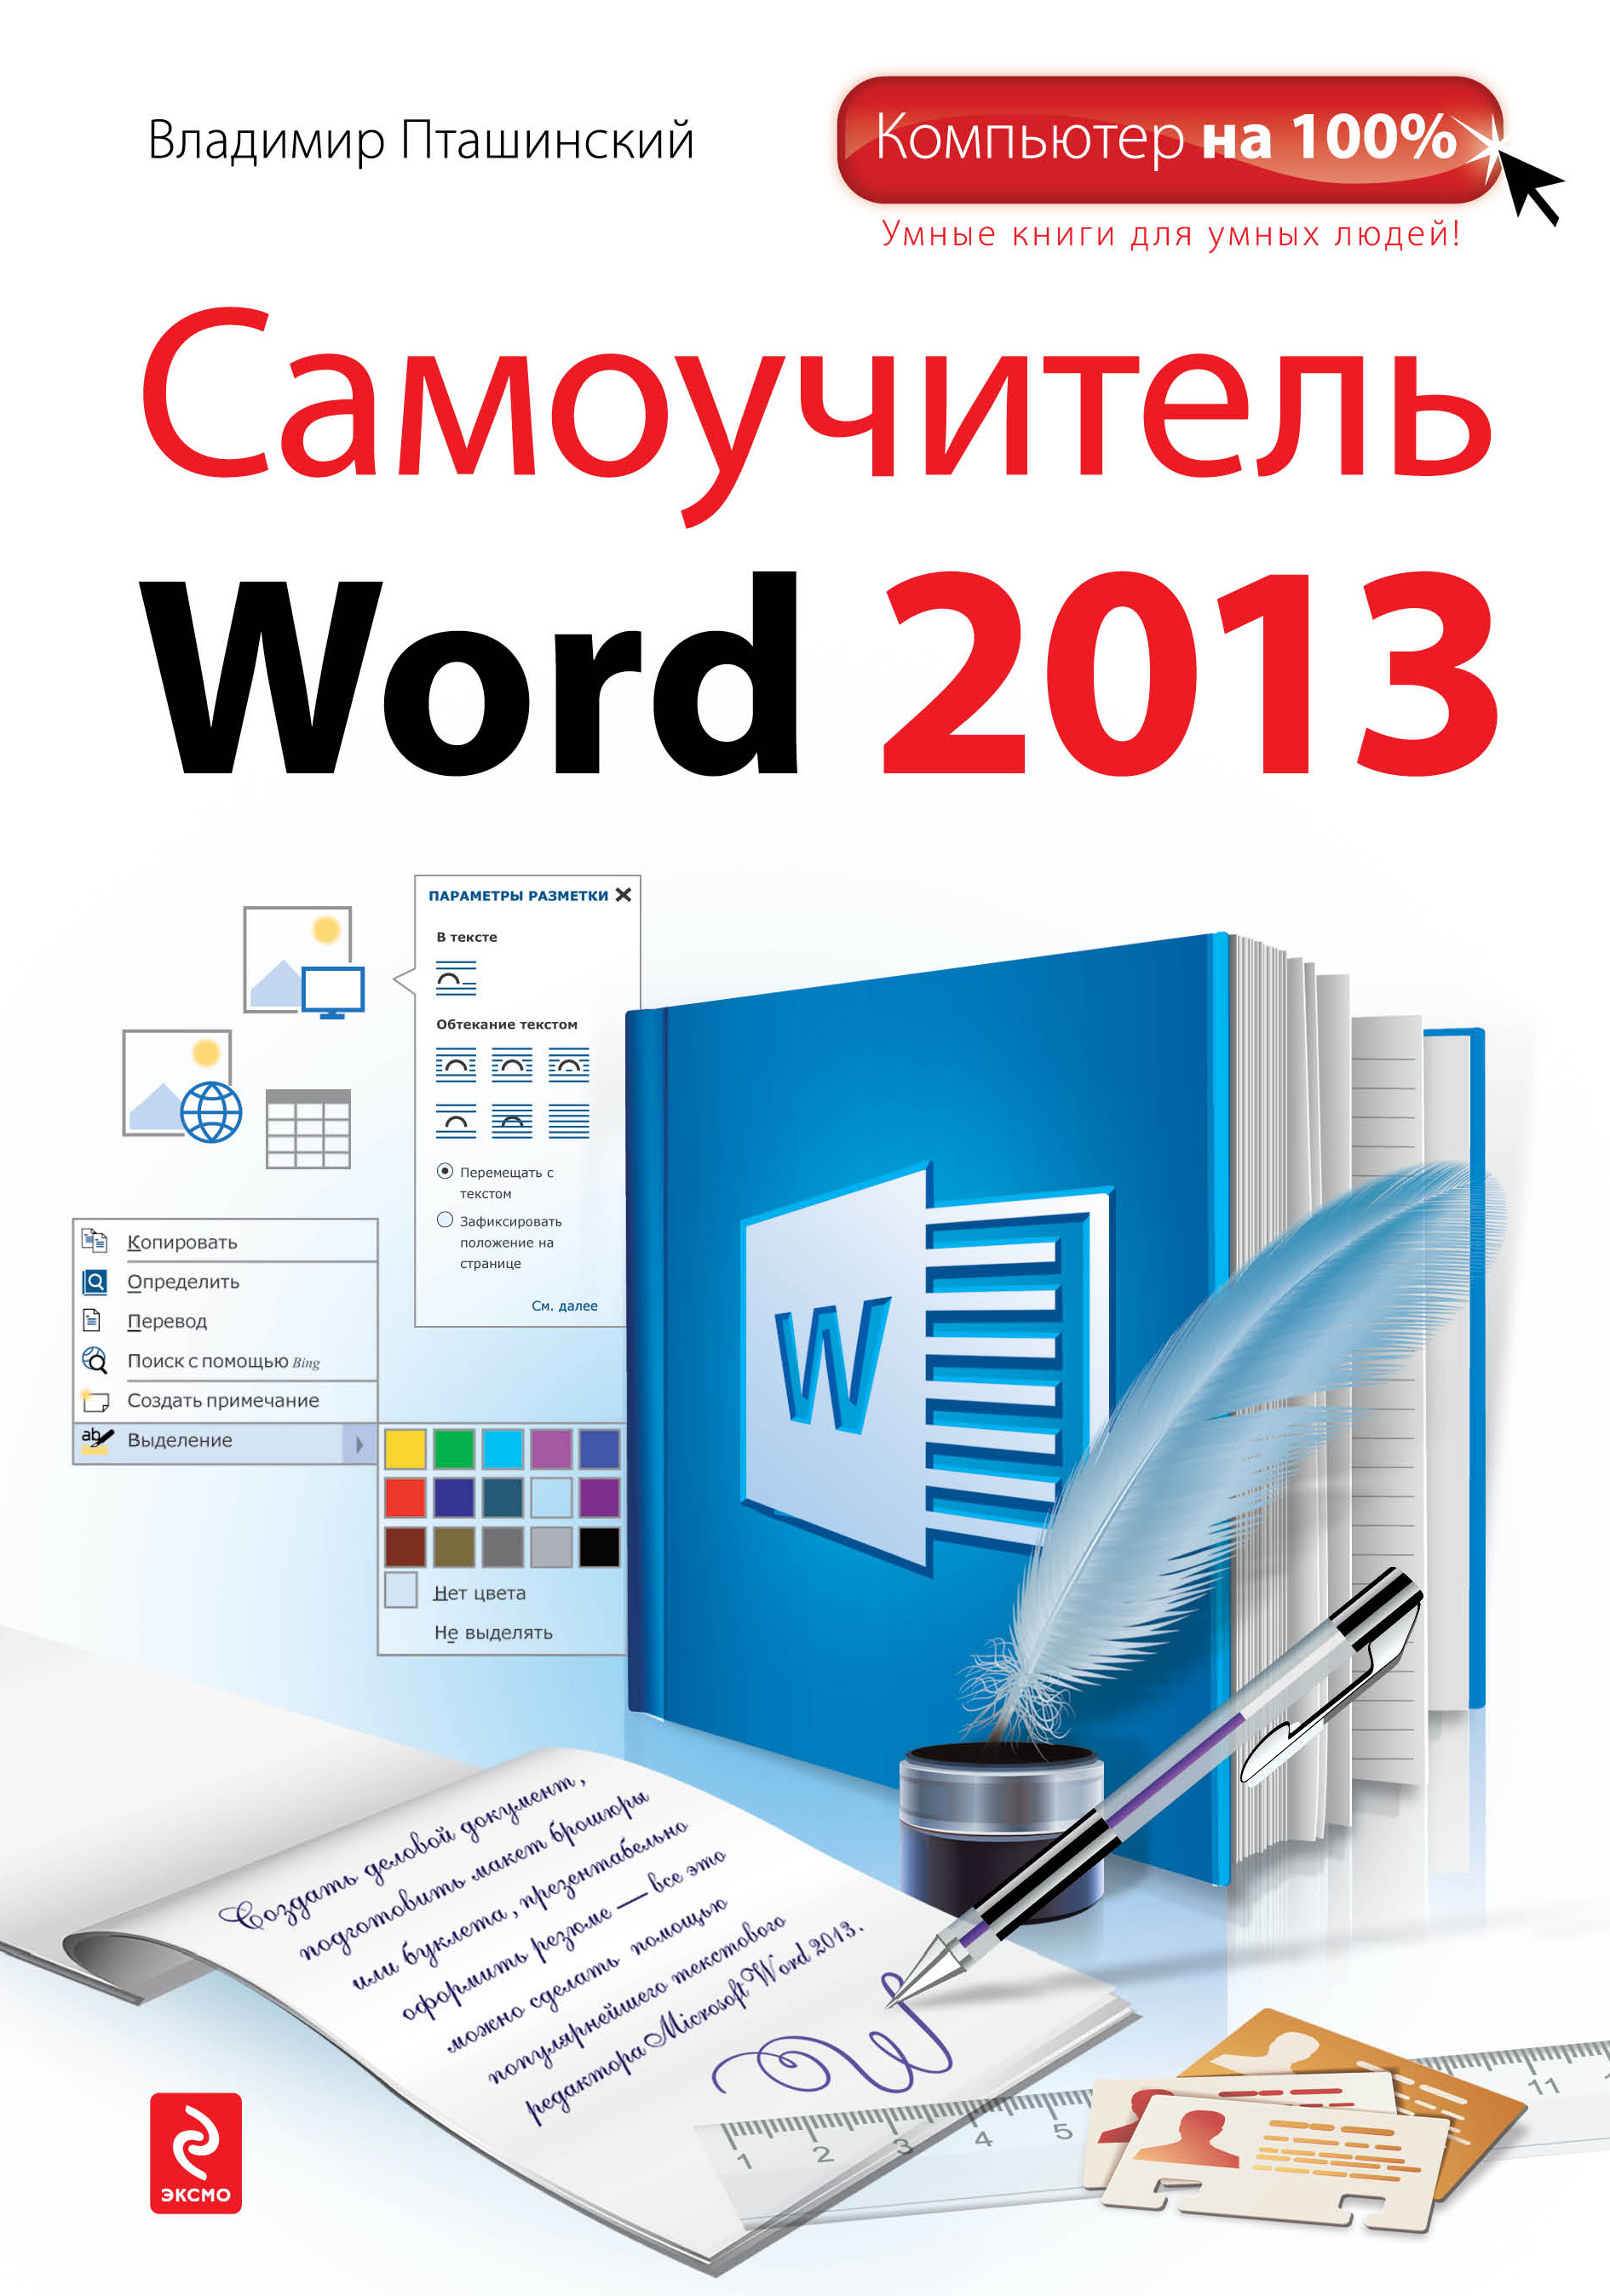 Самоучитель Word 2013 от book24.ru